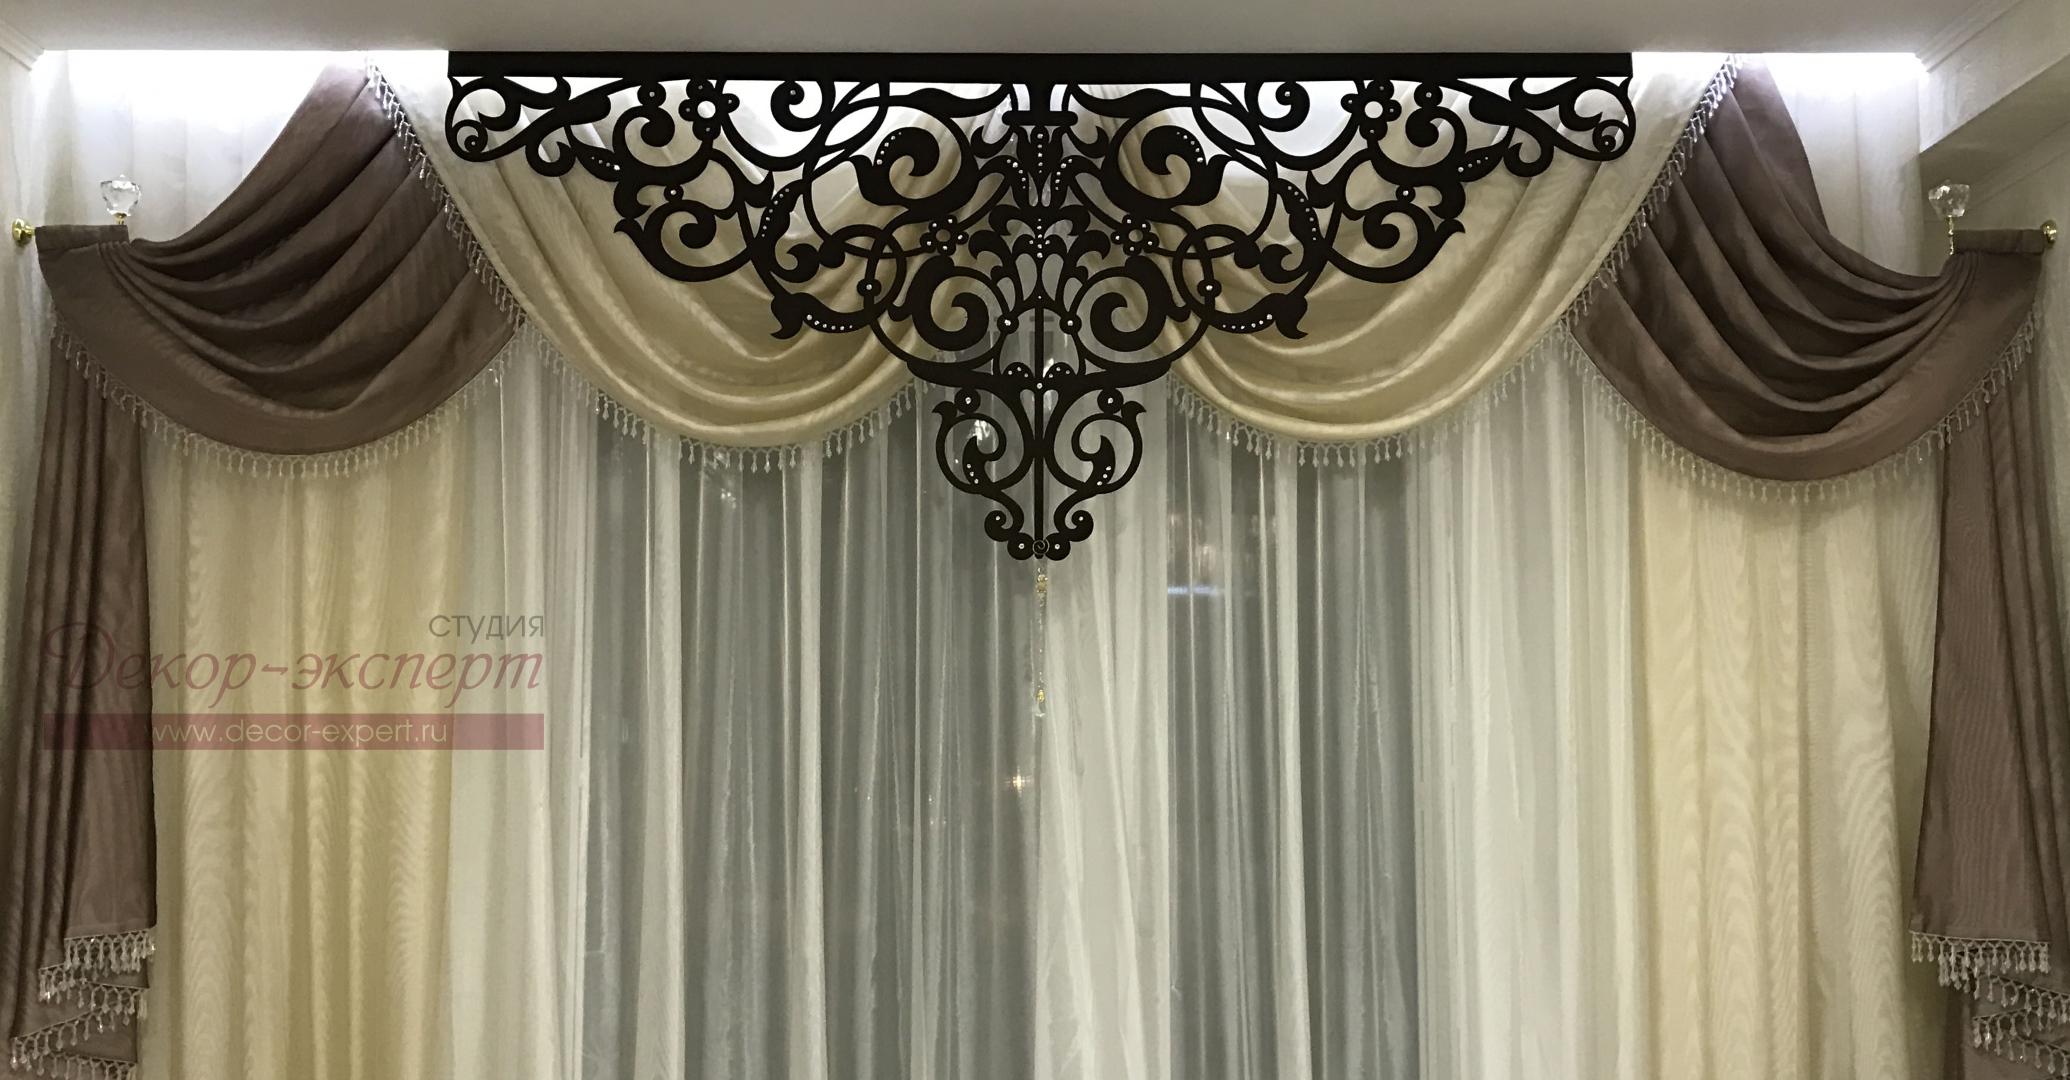 """Ажурный ламбрекен """"Флоренция"""" в комплекте со шторами . Фрагмент. Держатели для свагов также были подобраны нами..."""